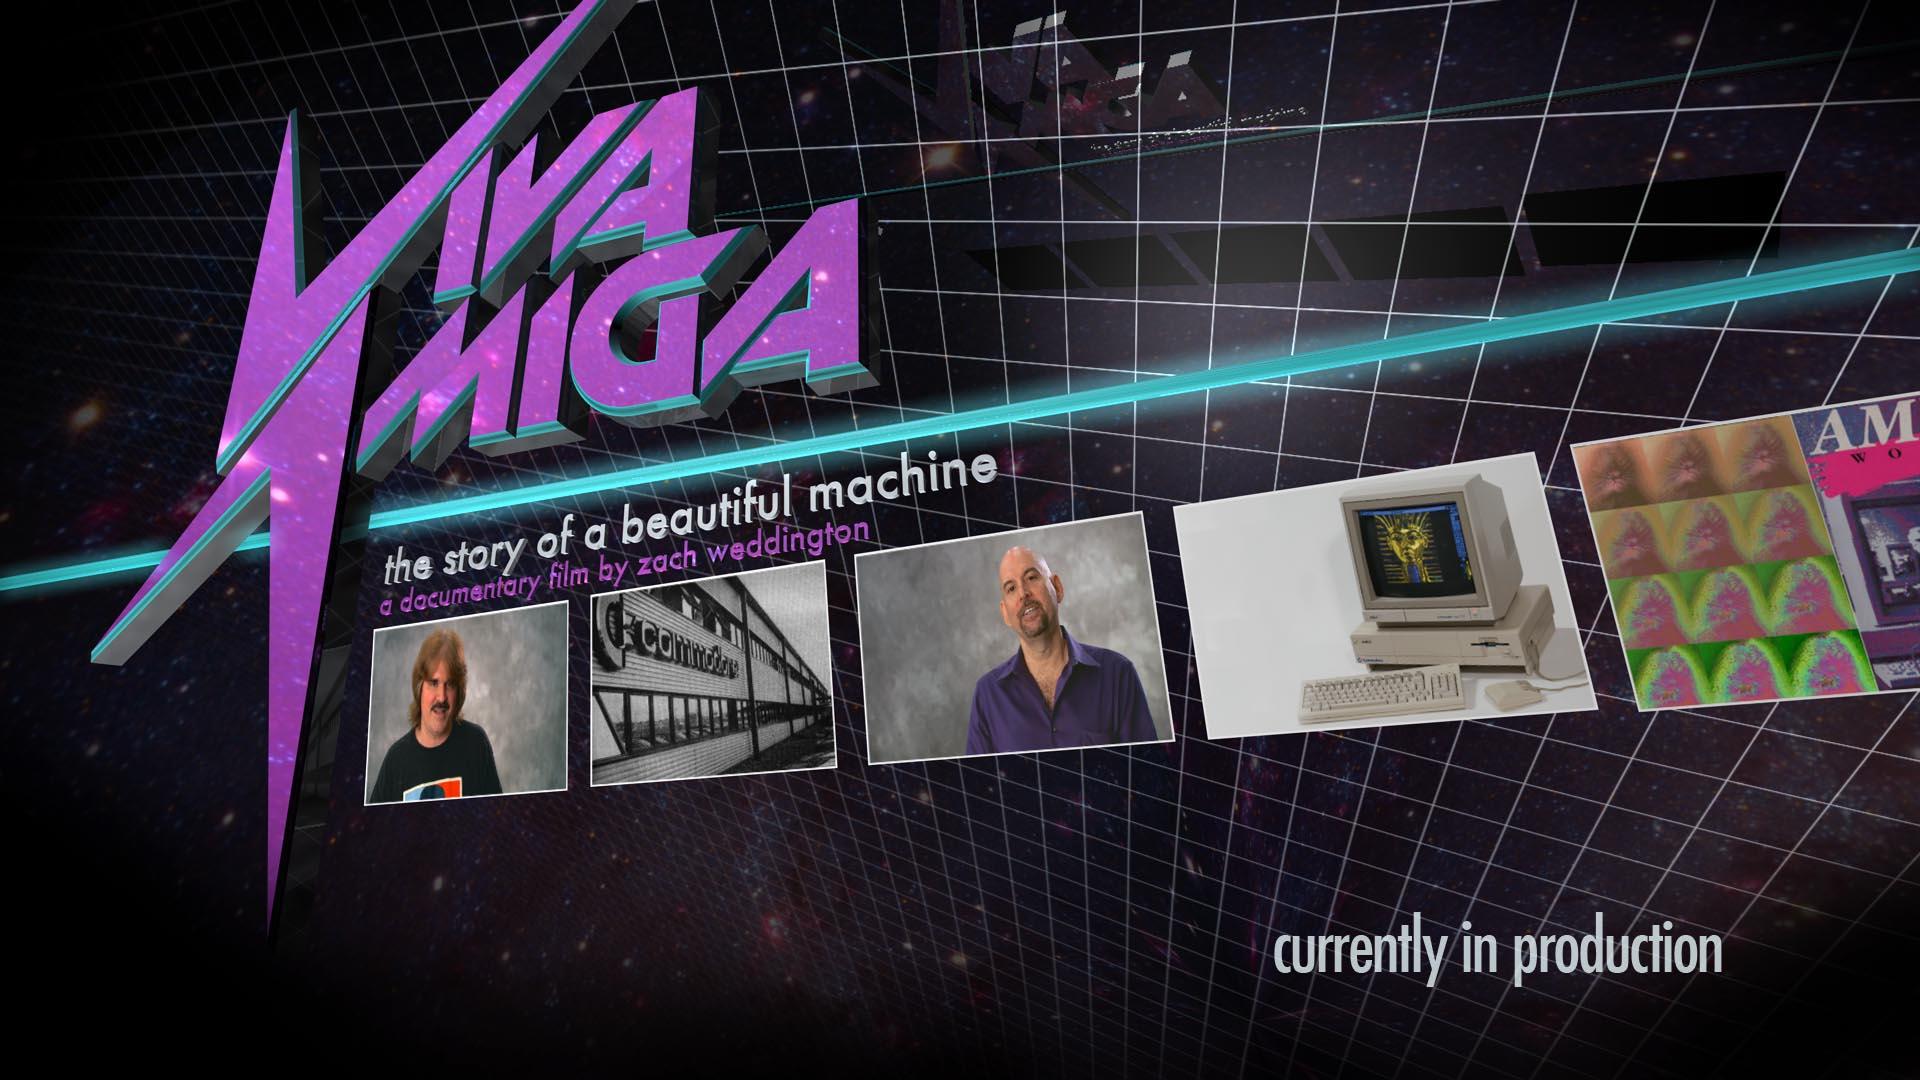 Viva Amiga web still